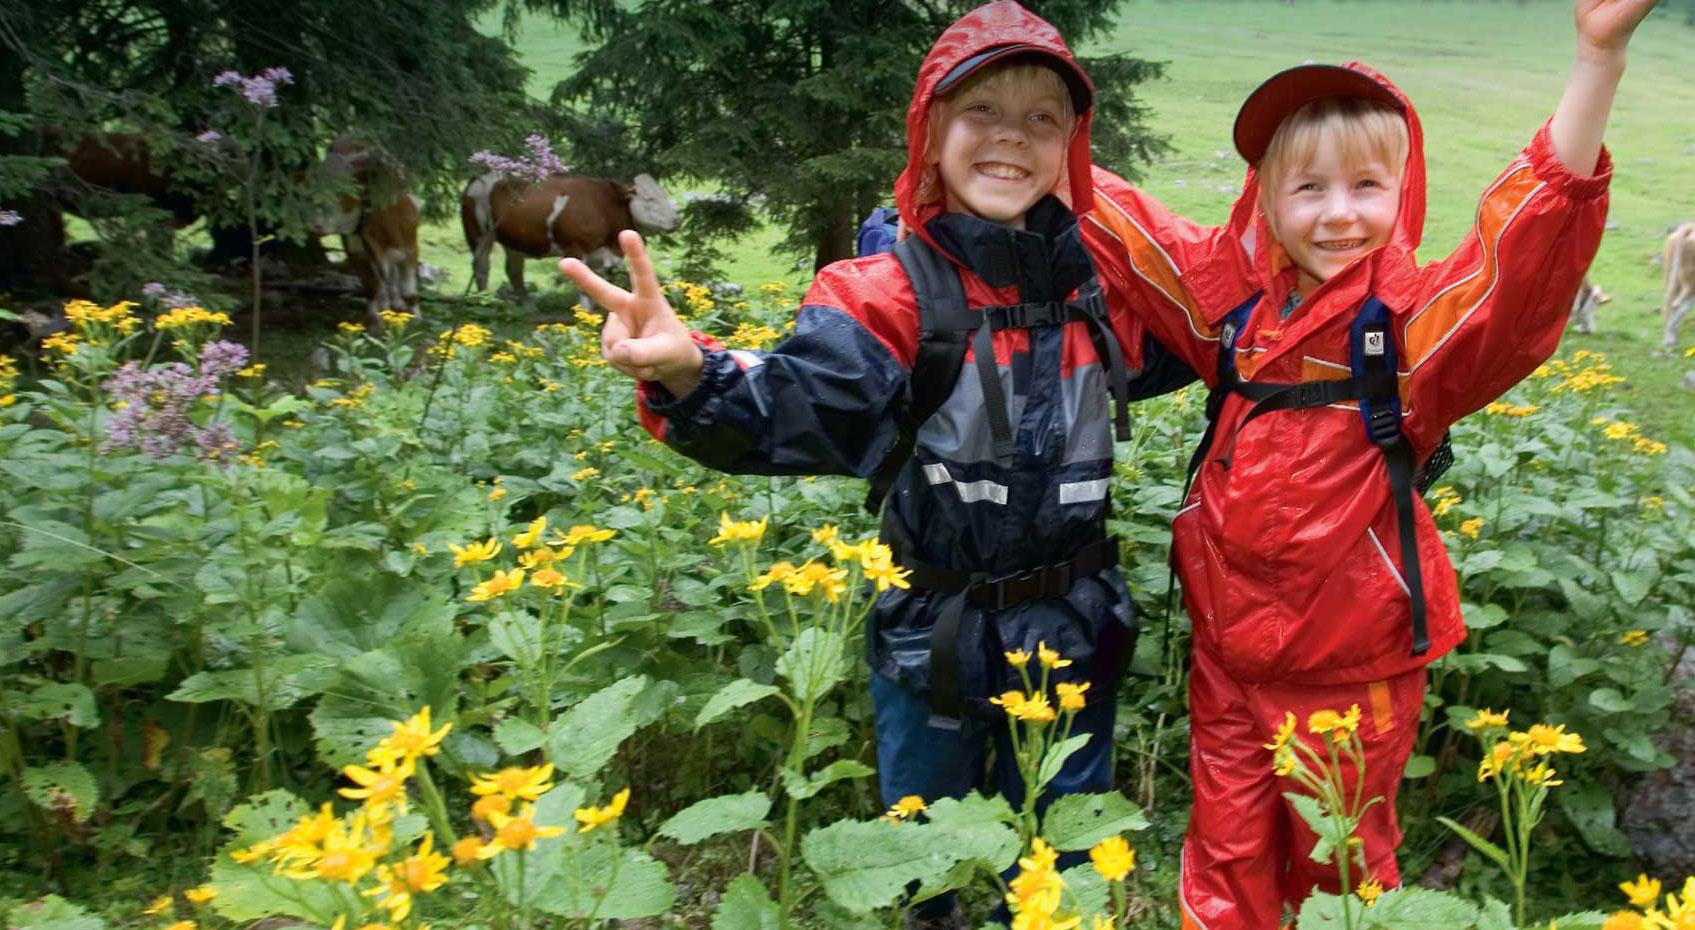 Klettergurt Für Kinder Test : Regenfreu n de kinder regenjacken im test bergsteiger magazin